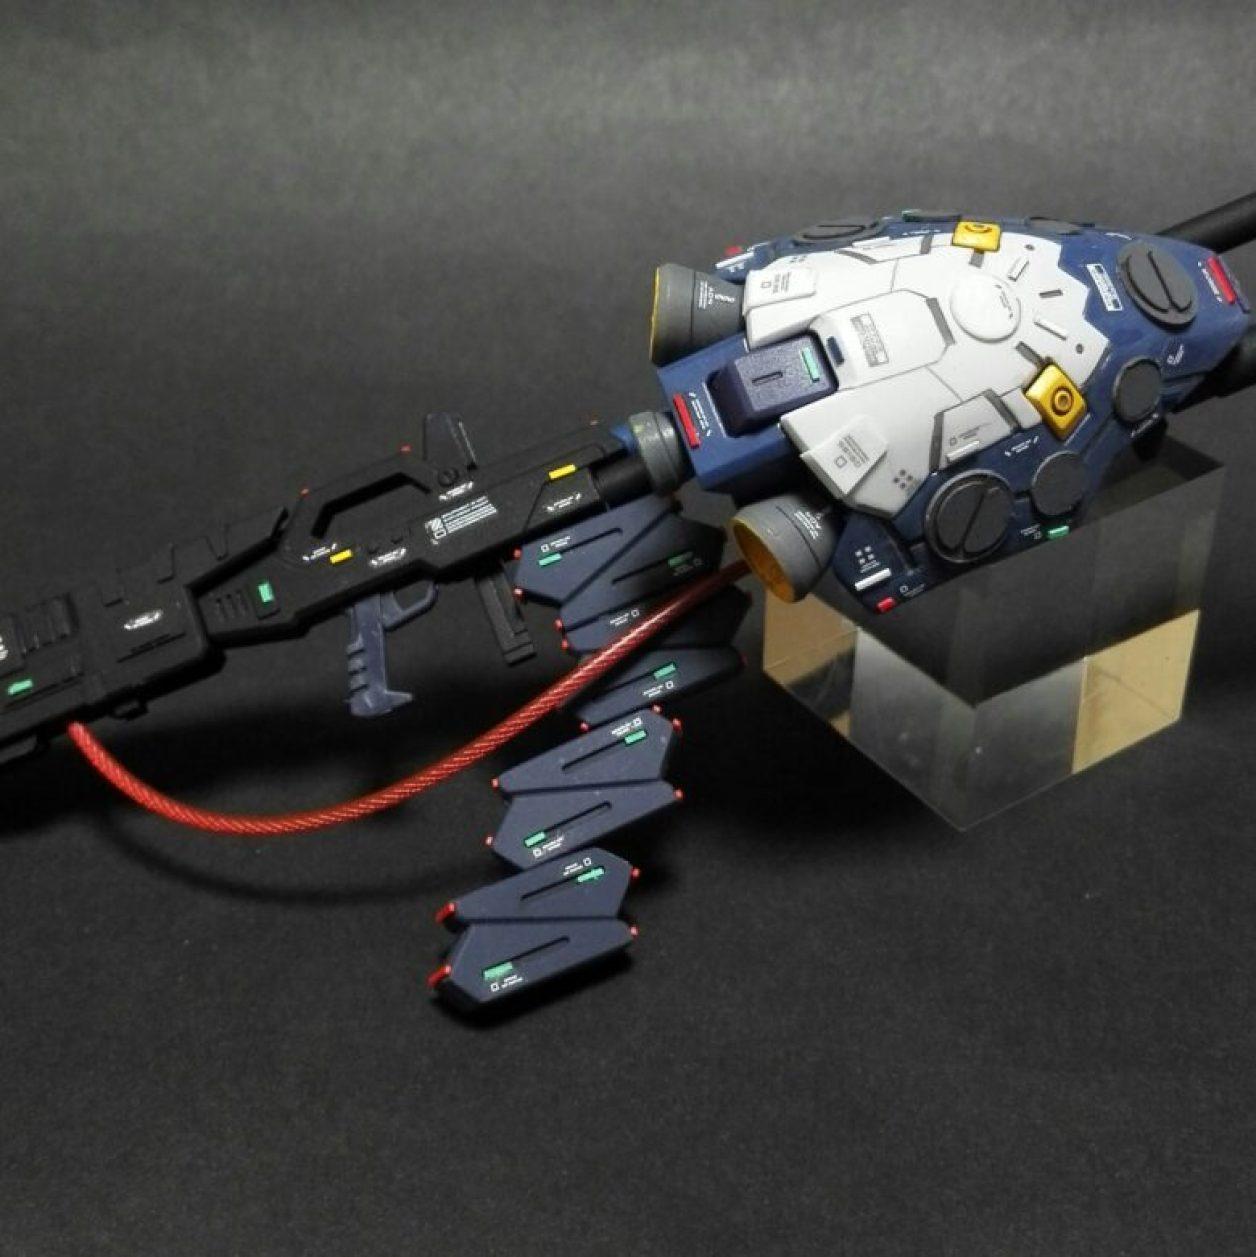 HGUCガンダムTR-1[ヘイズル改]用のビームライフルをベースキットとした改造武装のアップ画像